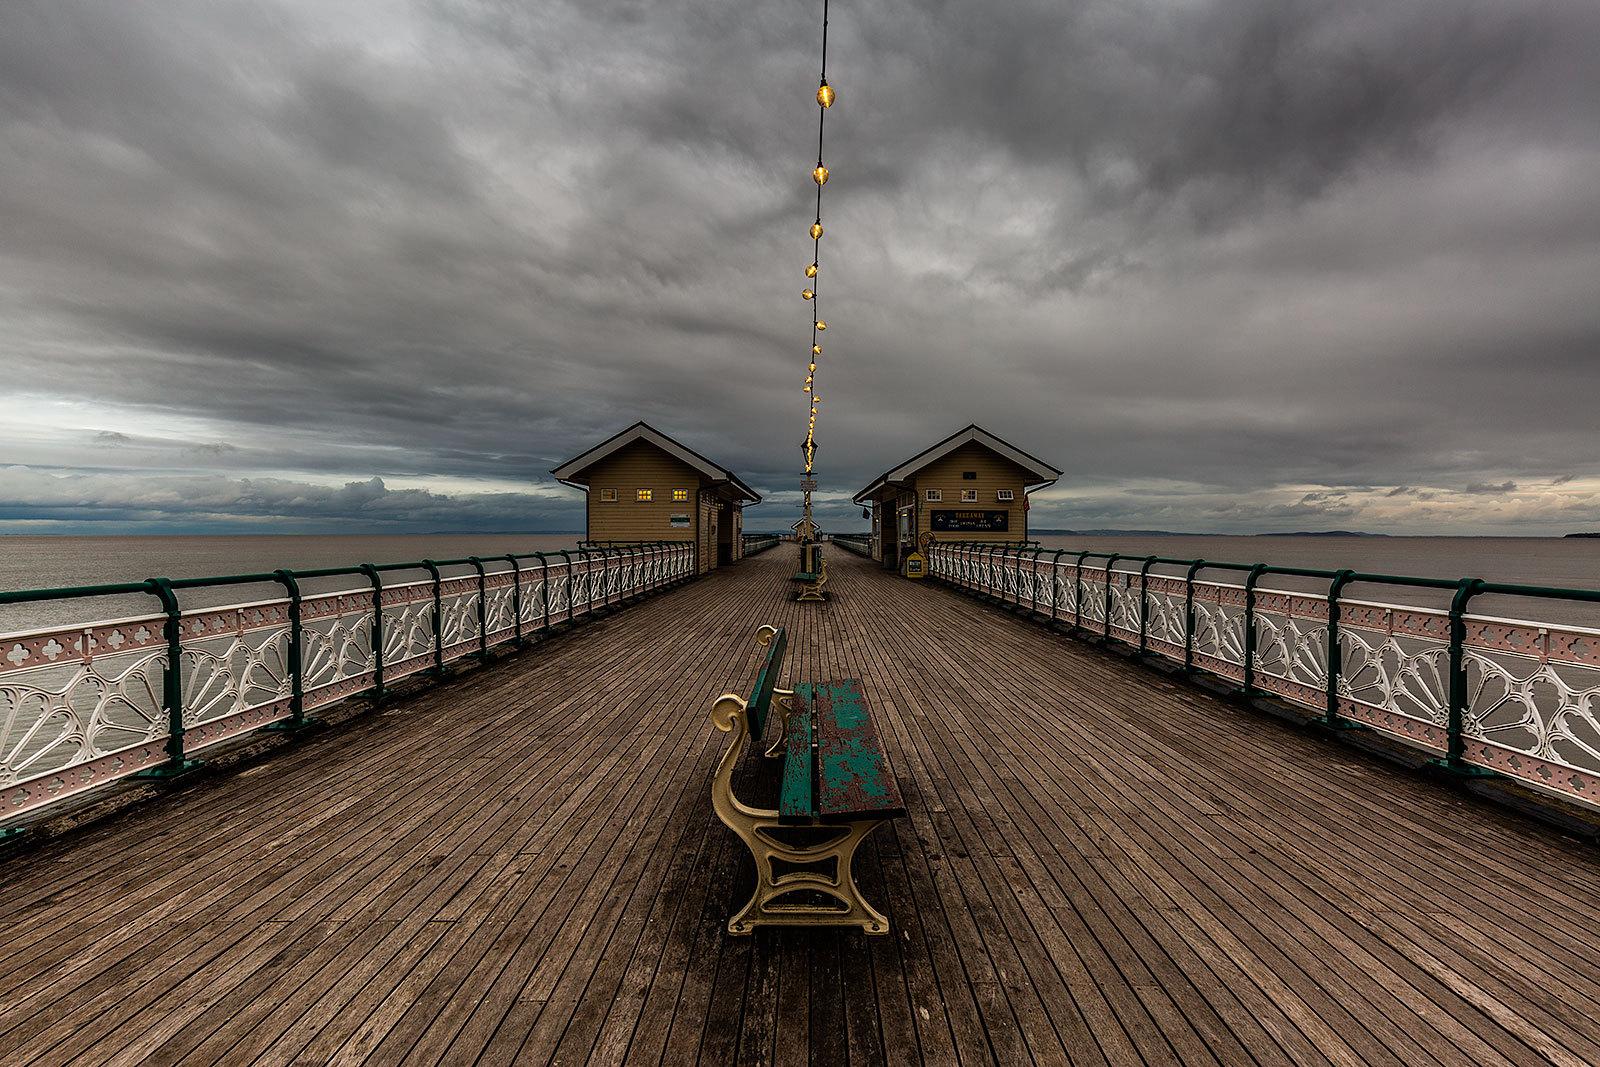 Illuminated Pier